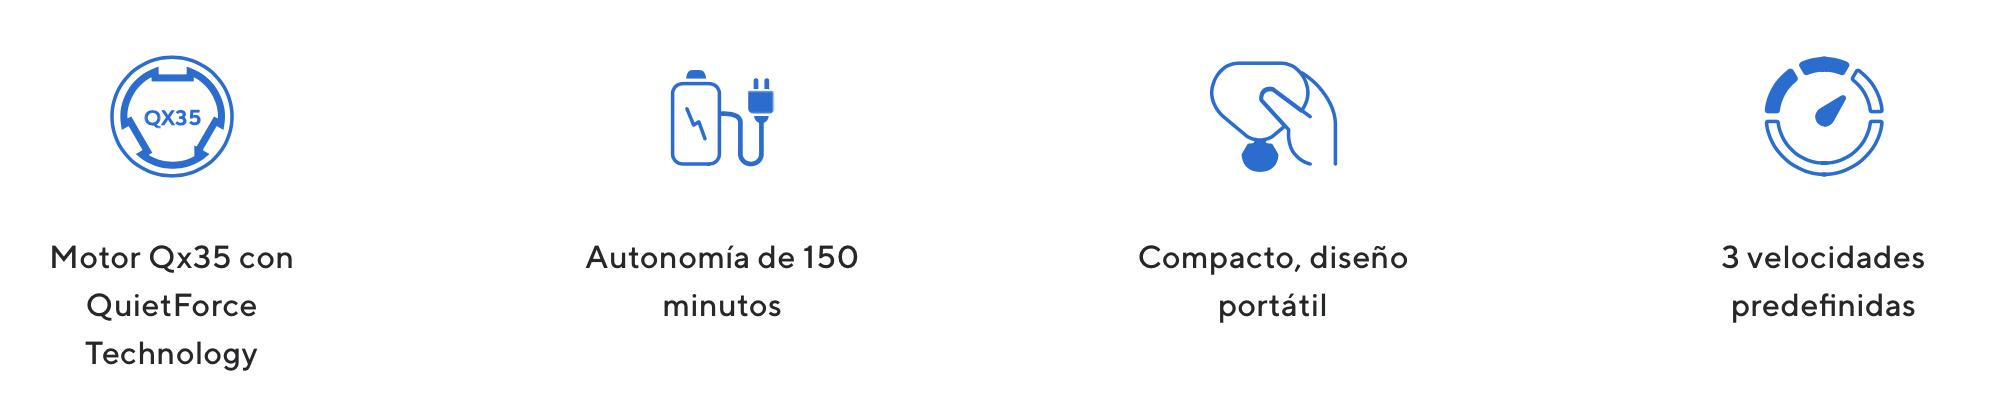 Captura de pantalla 2020-11-01 a las 12-